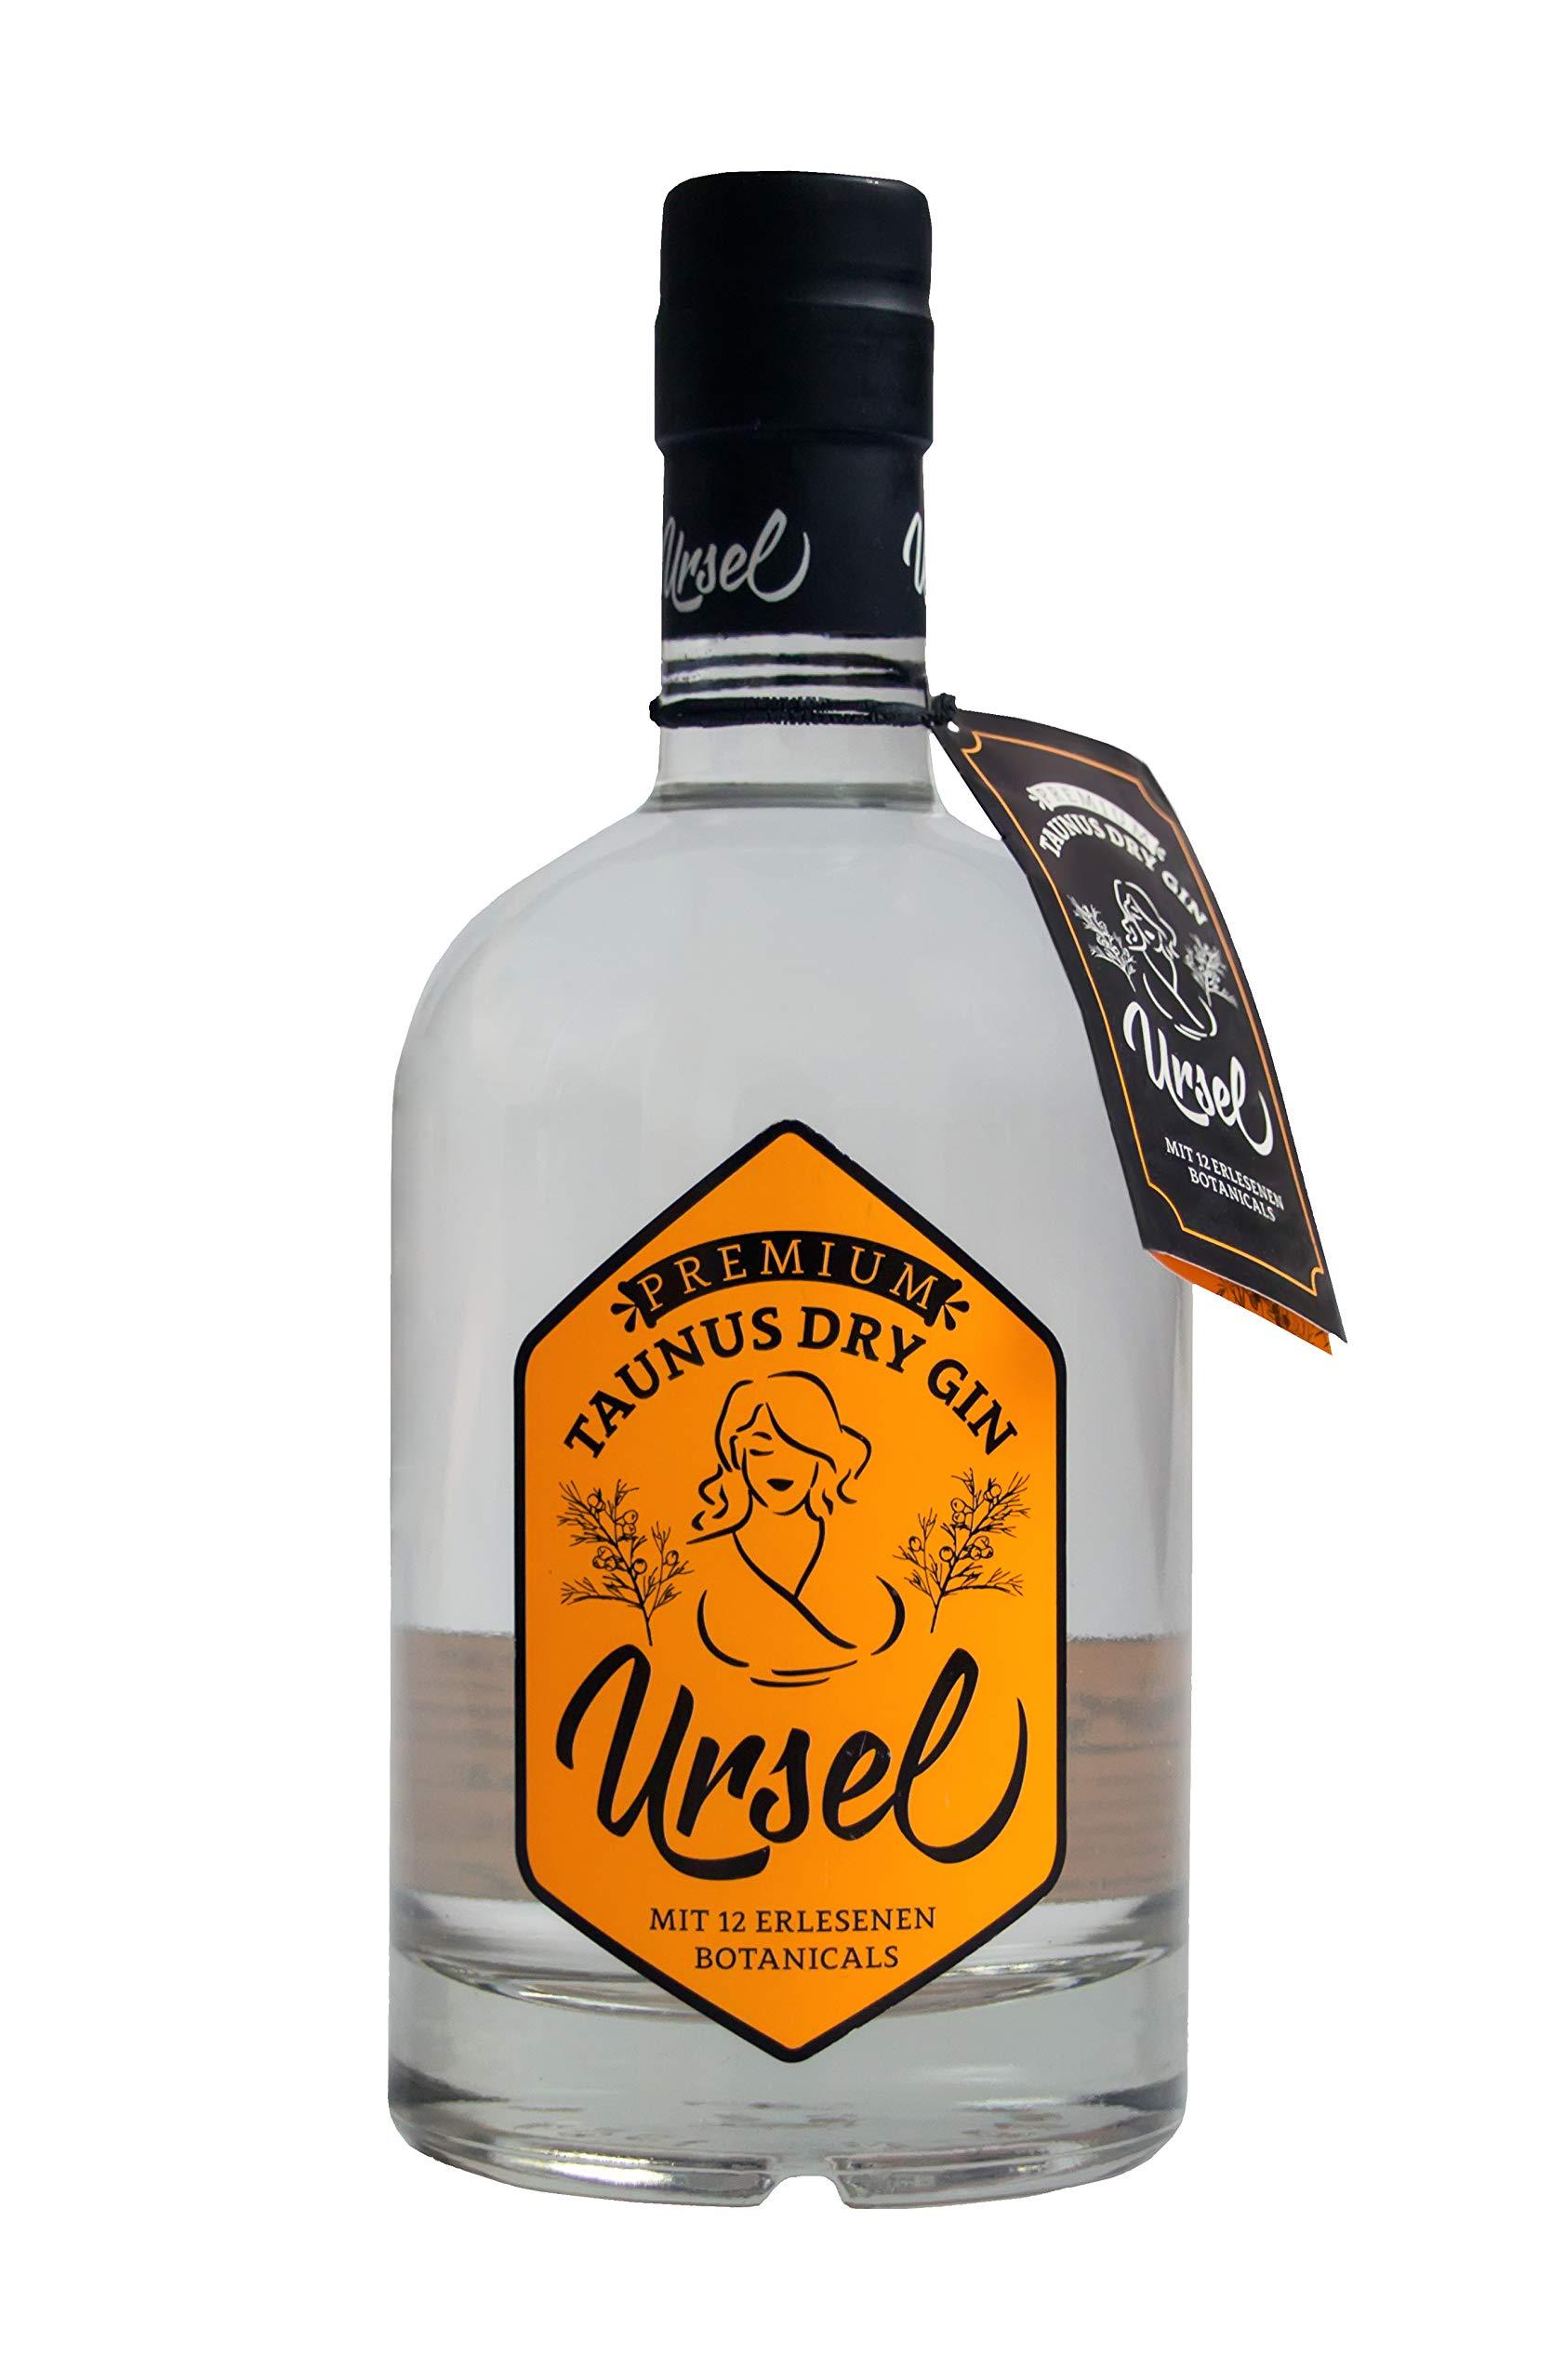 Premium-Taunus-Dry-GinUrsel-Heritage-Harmonischer-Gin-mit-frischen-Wald-und-Zitrusnoten–London-Dry-Gin-Tradition